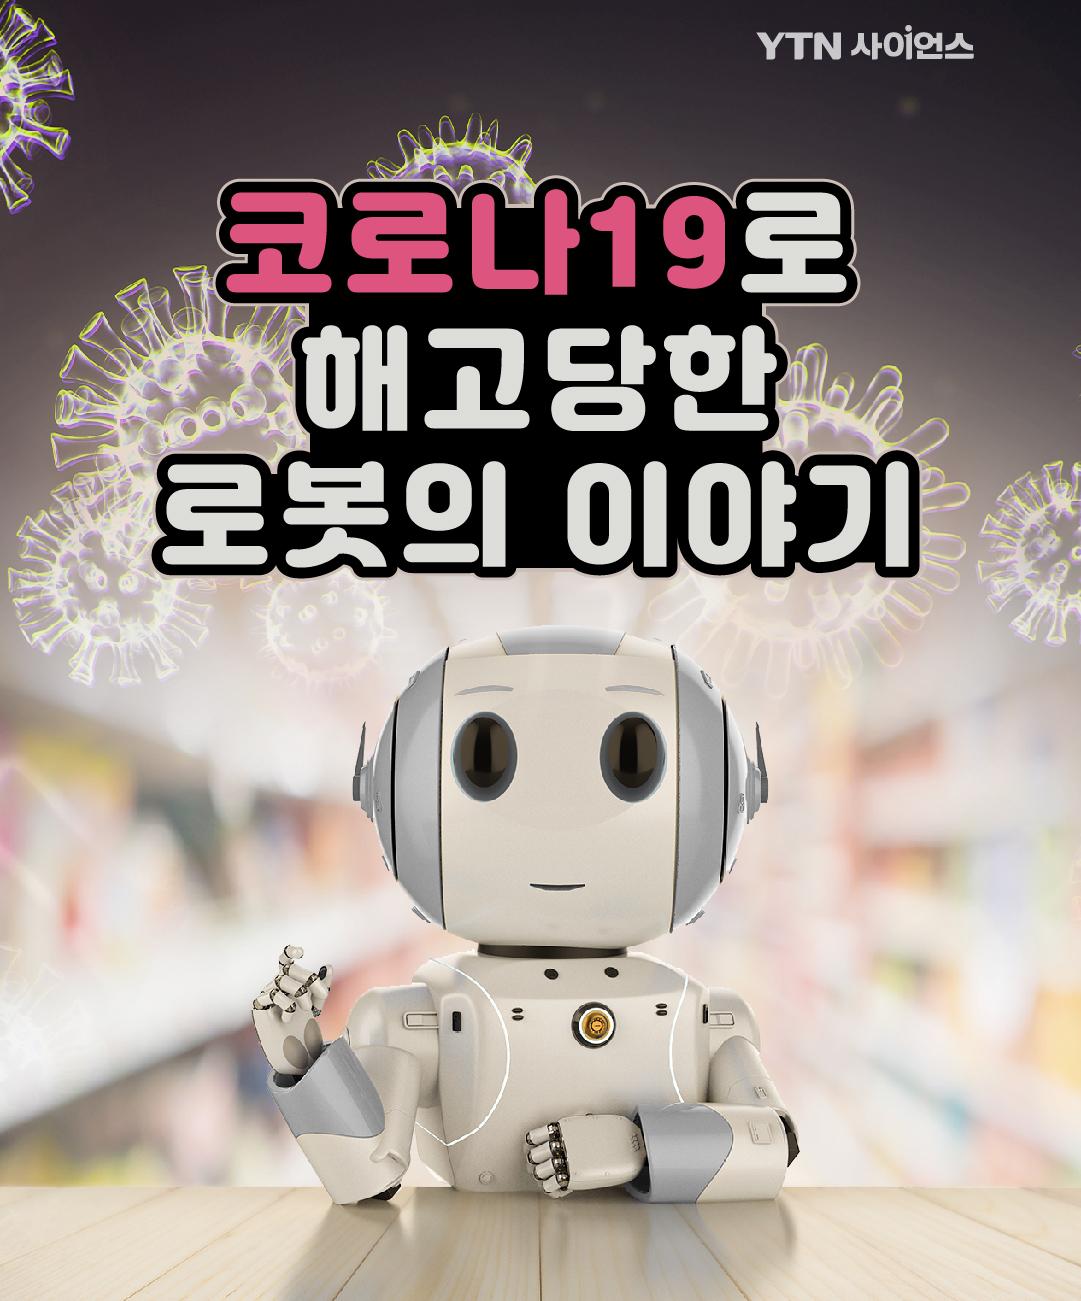 코로나19로 해고당한 로봇의 이야기 이미지